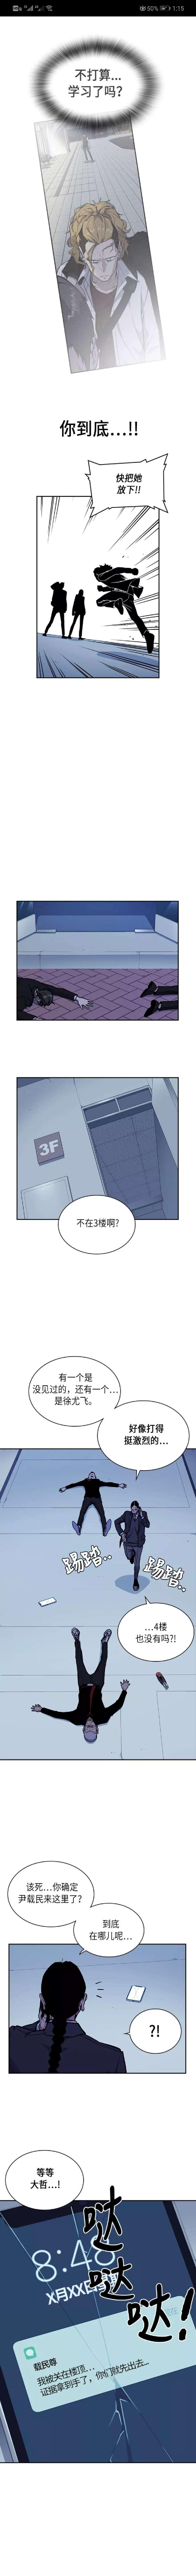 【漫画更新】💛💚💜💙痞子学霸💙💜💚💛